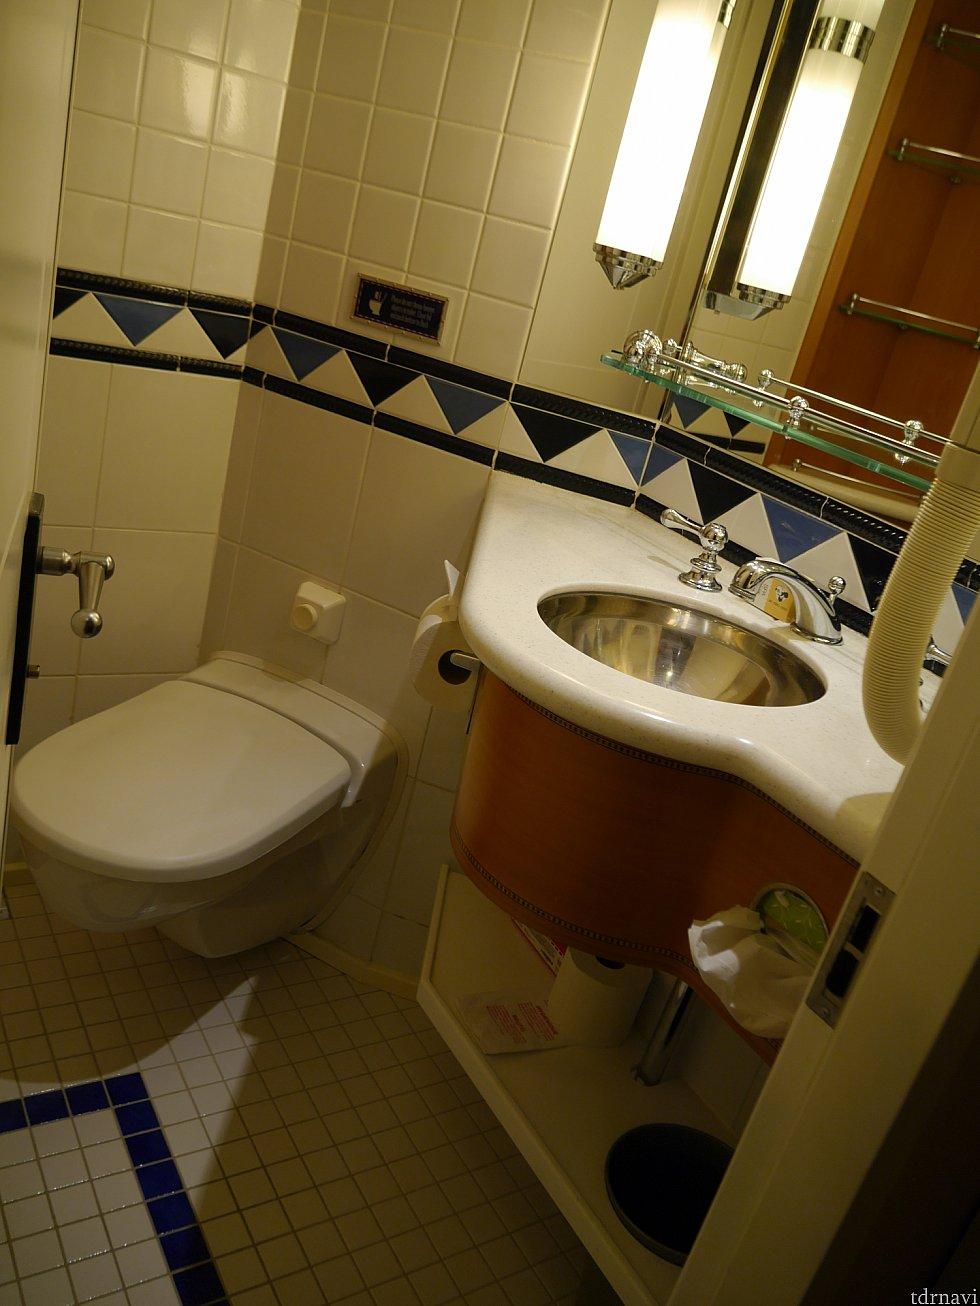 そしてこちらがトイレ!こちらにも洗面があります。バストイレはセパレートです。